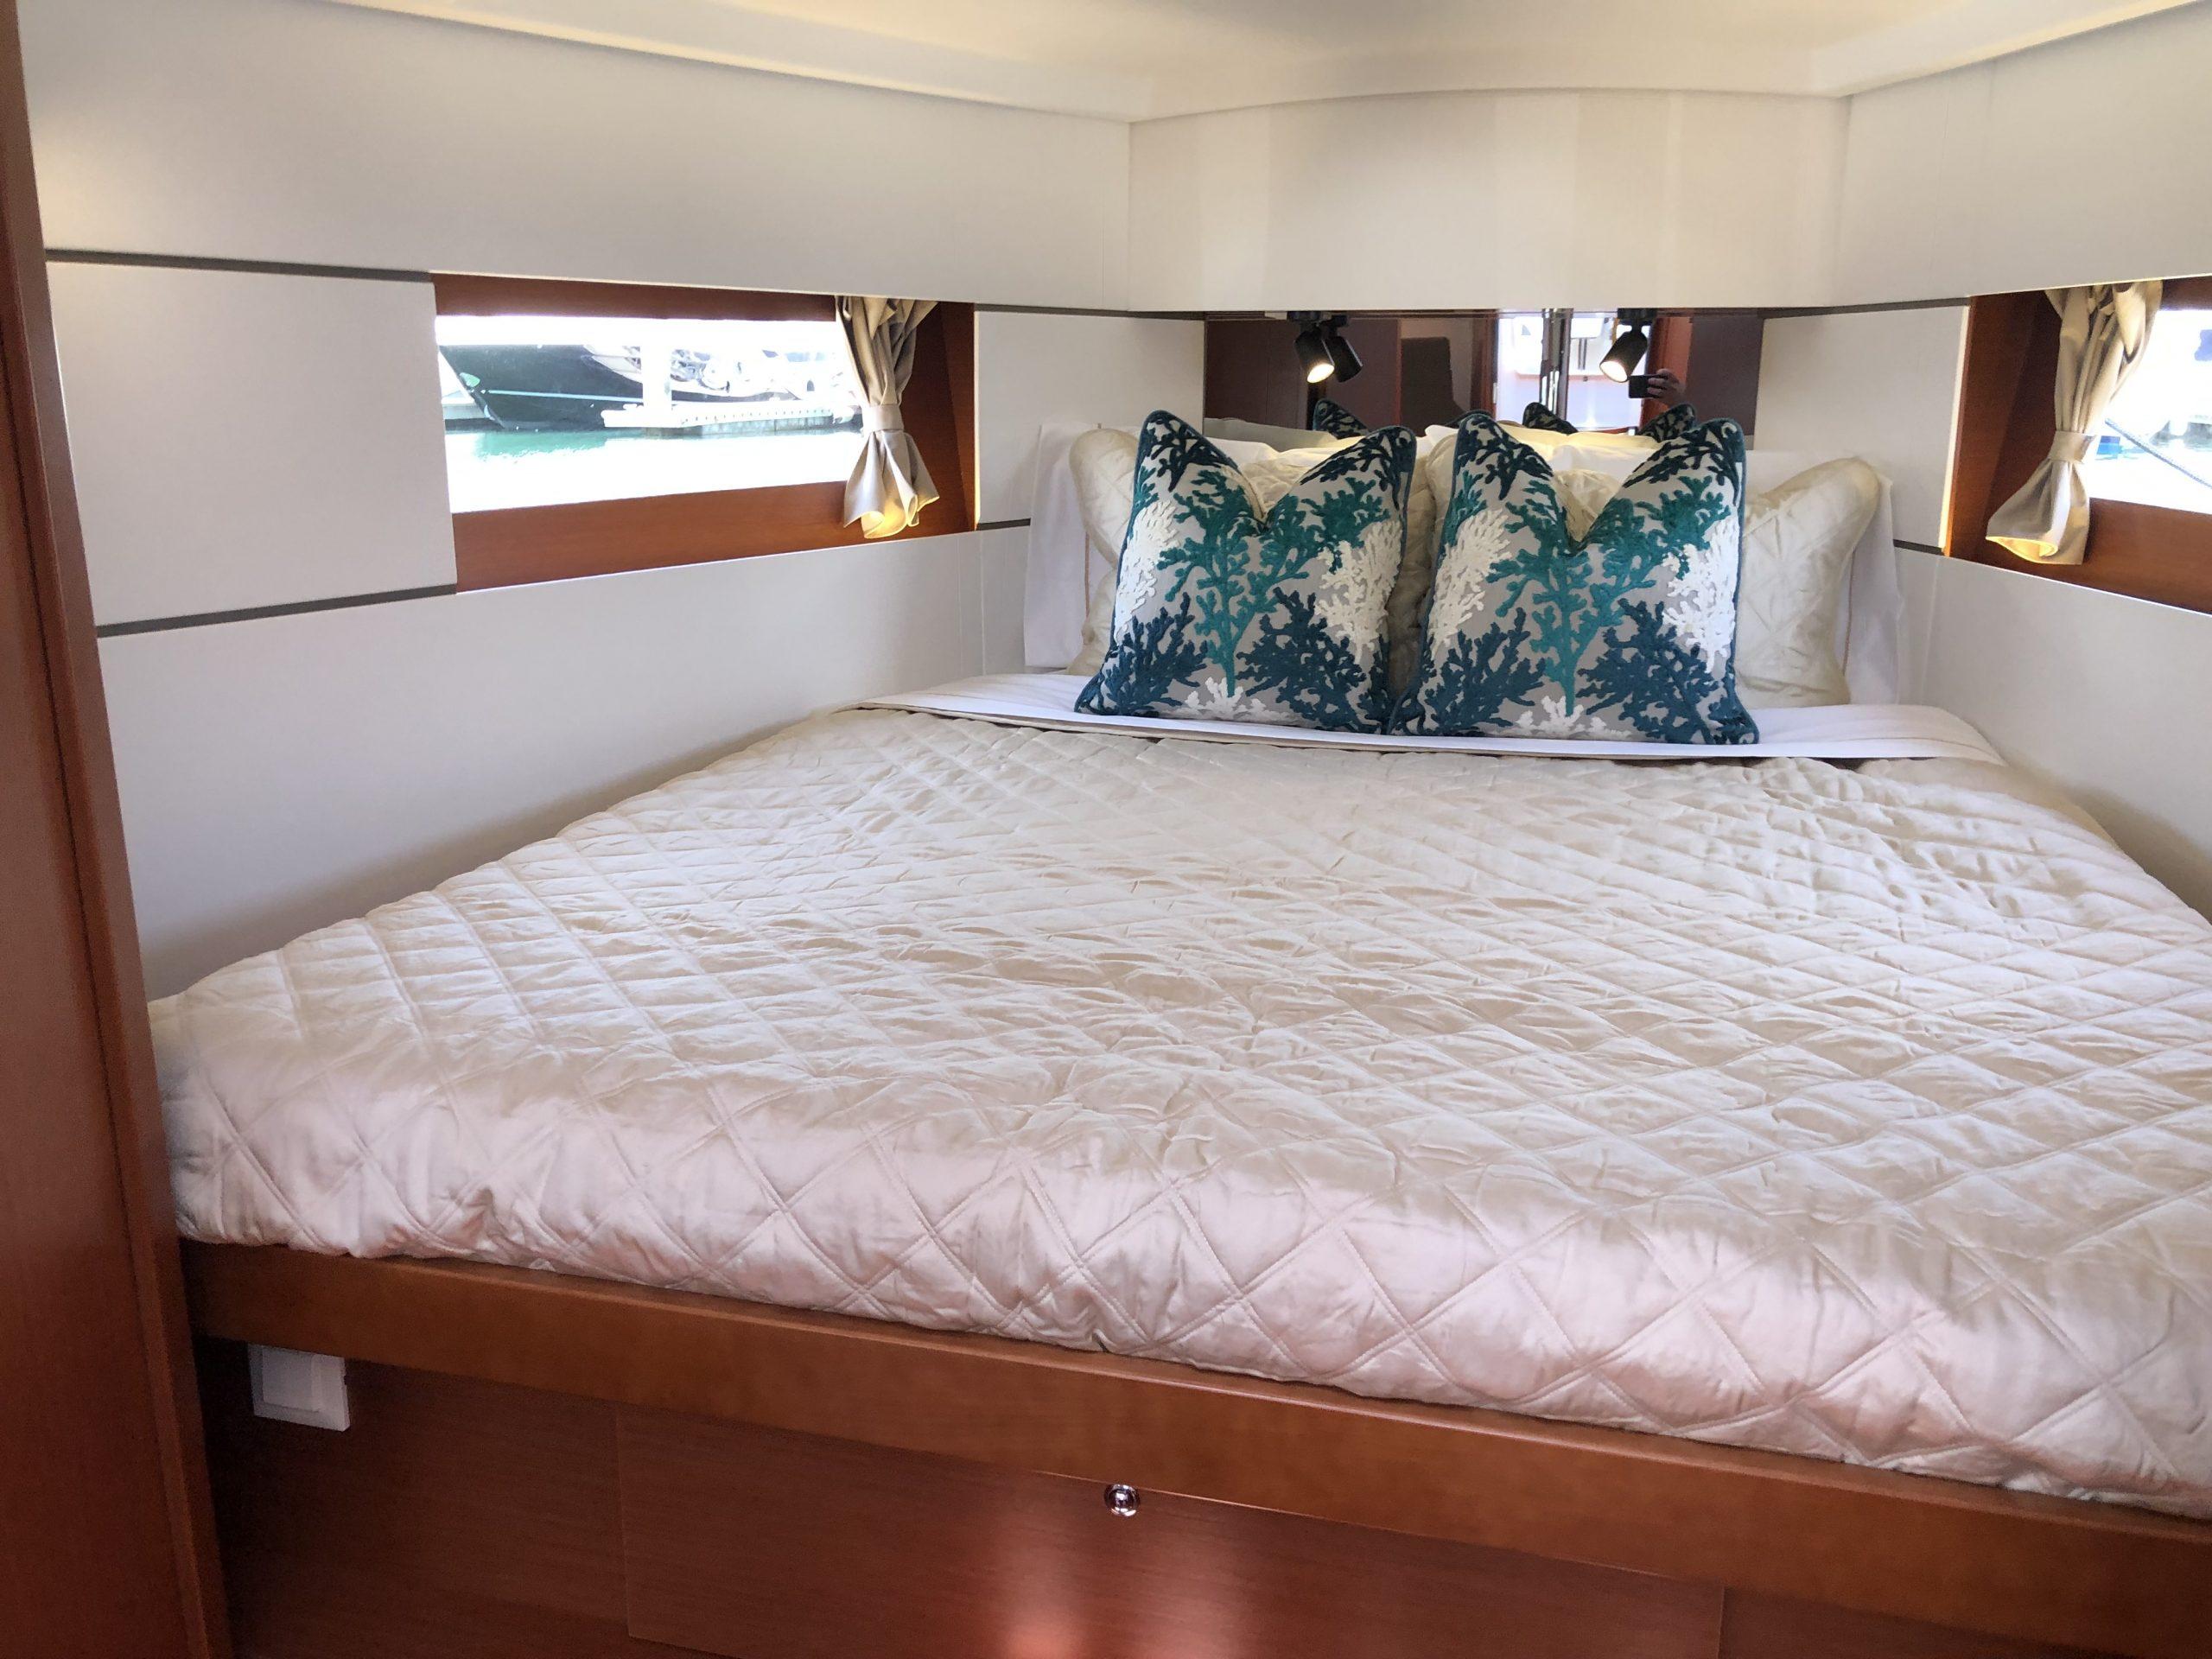 Oceanis 38.1 custom bedding